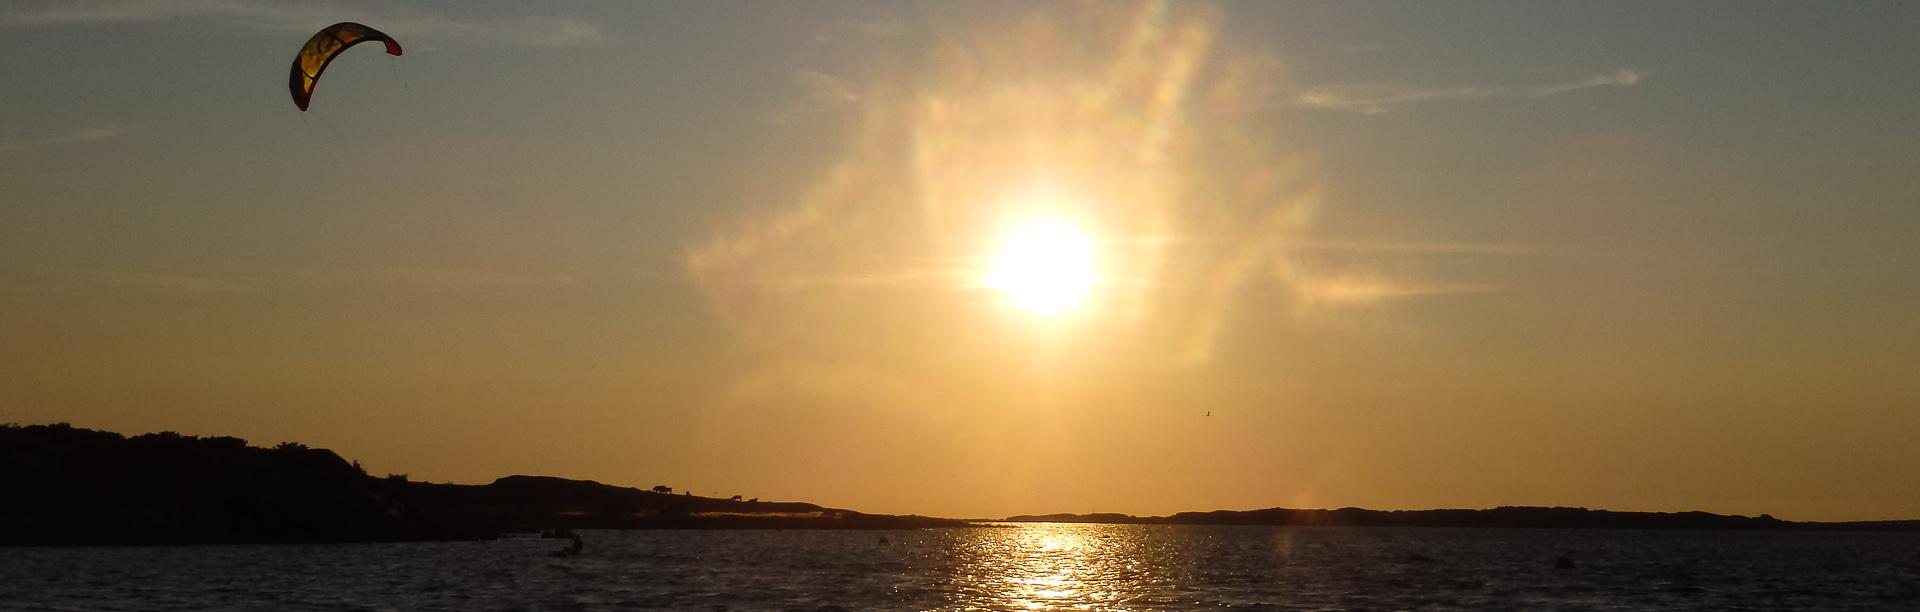 kite i solnedgång